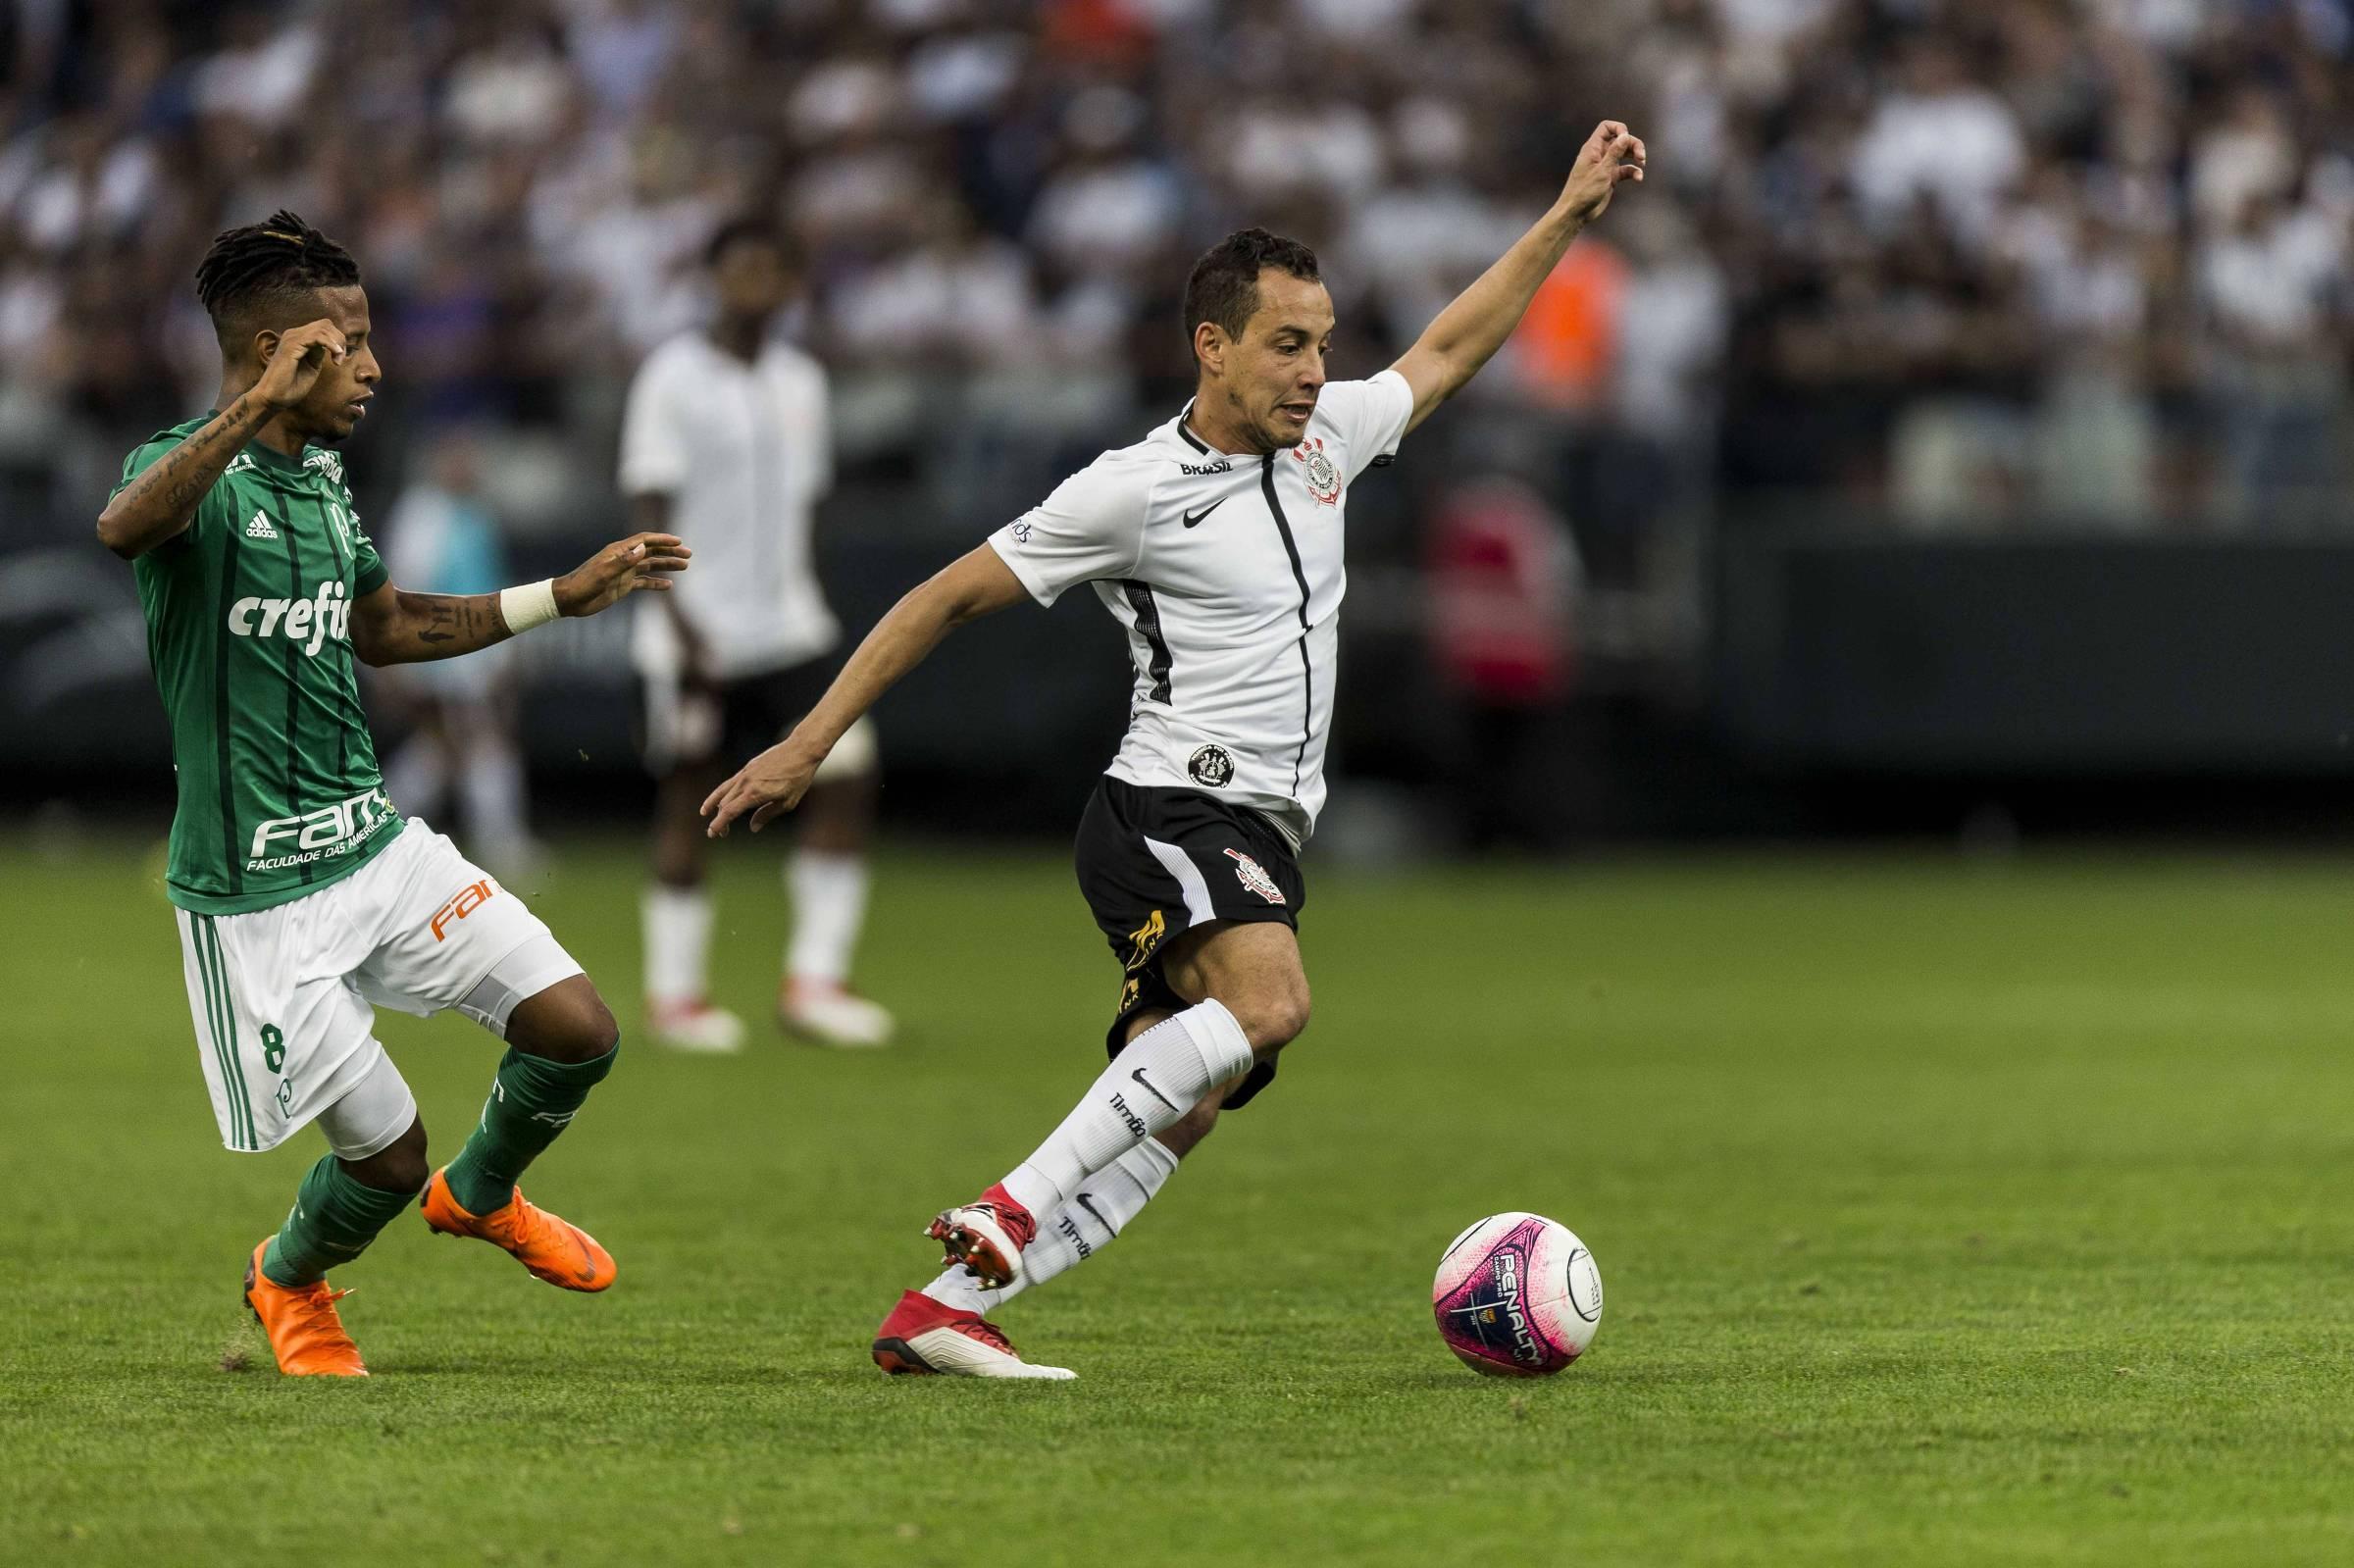 Corinthians e Palmeiras decidem título com planejamentos distintos -  31 03 2018 - Esporte - Folha fef15ebf1497d